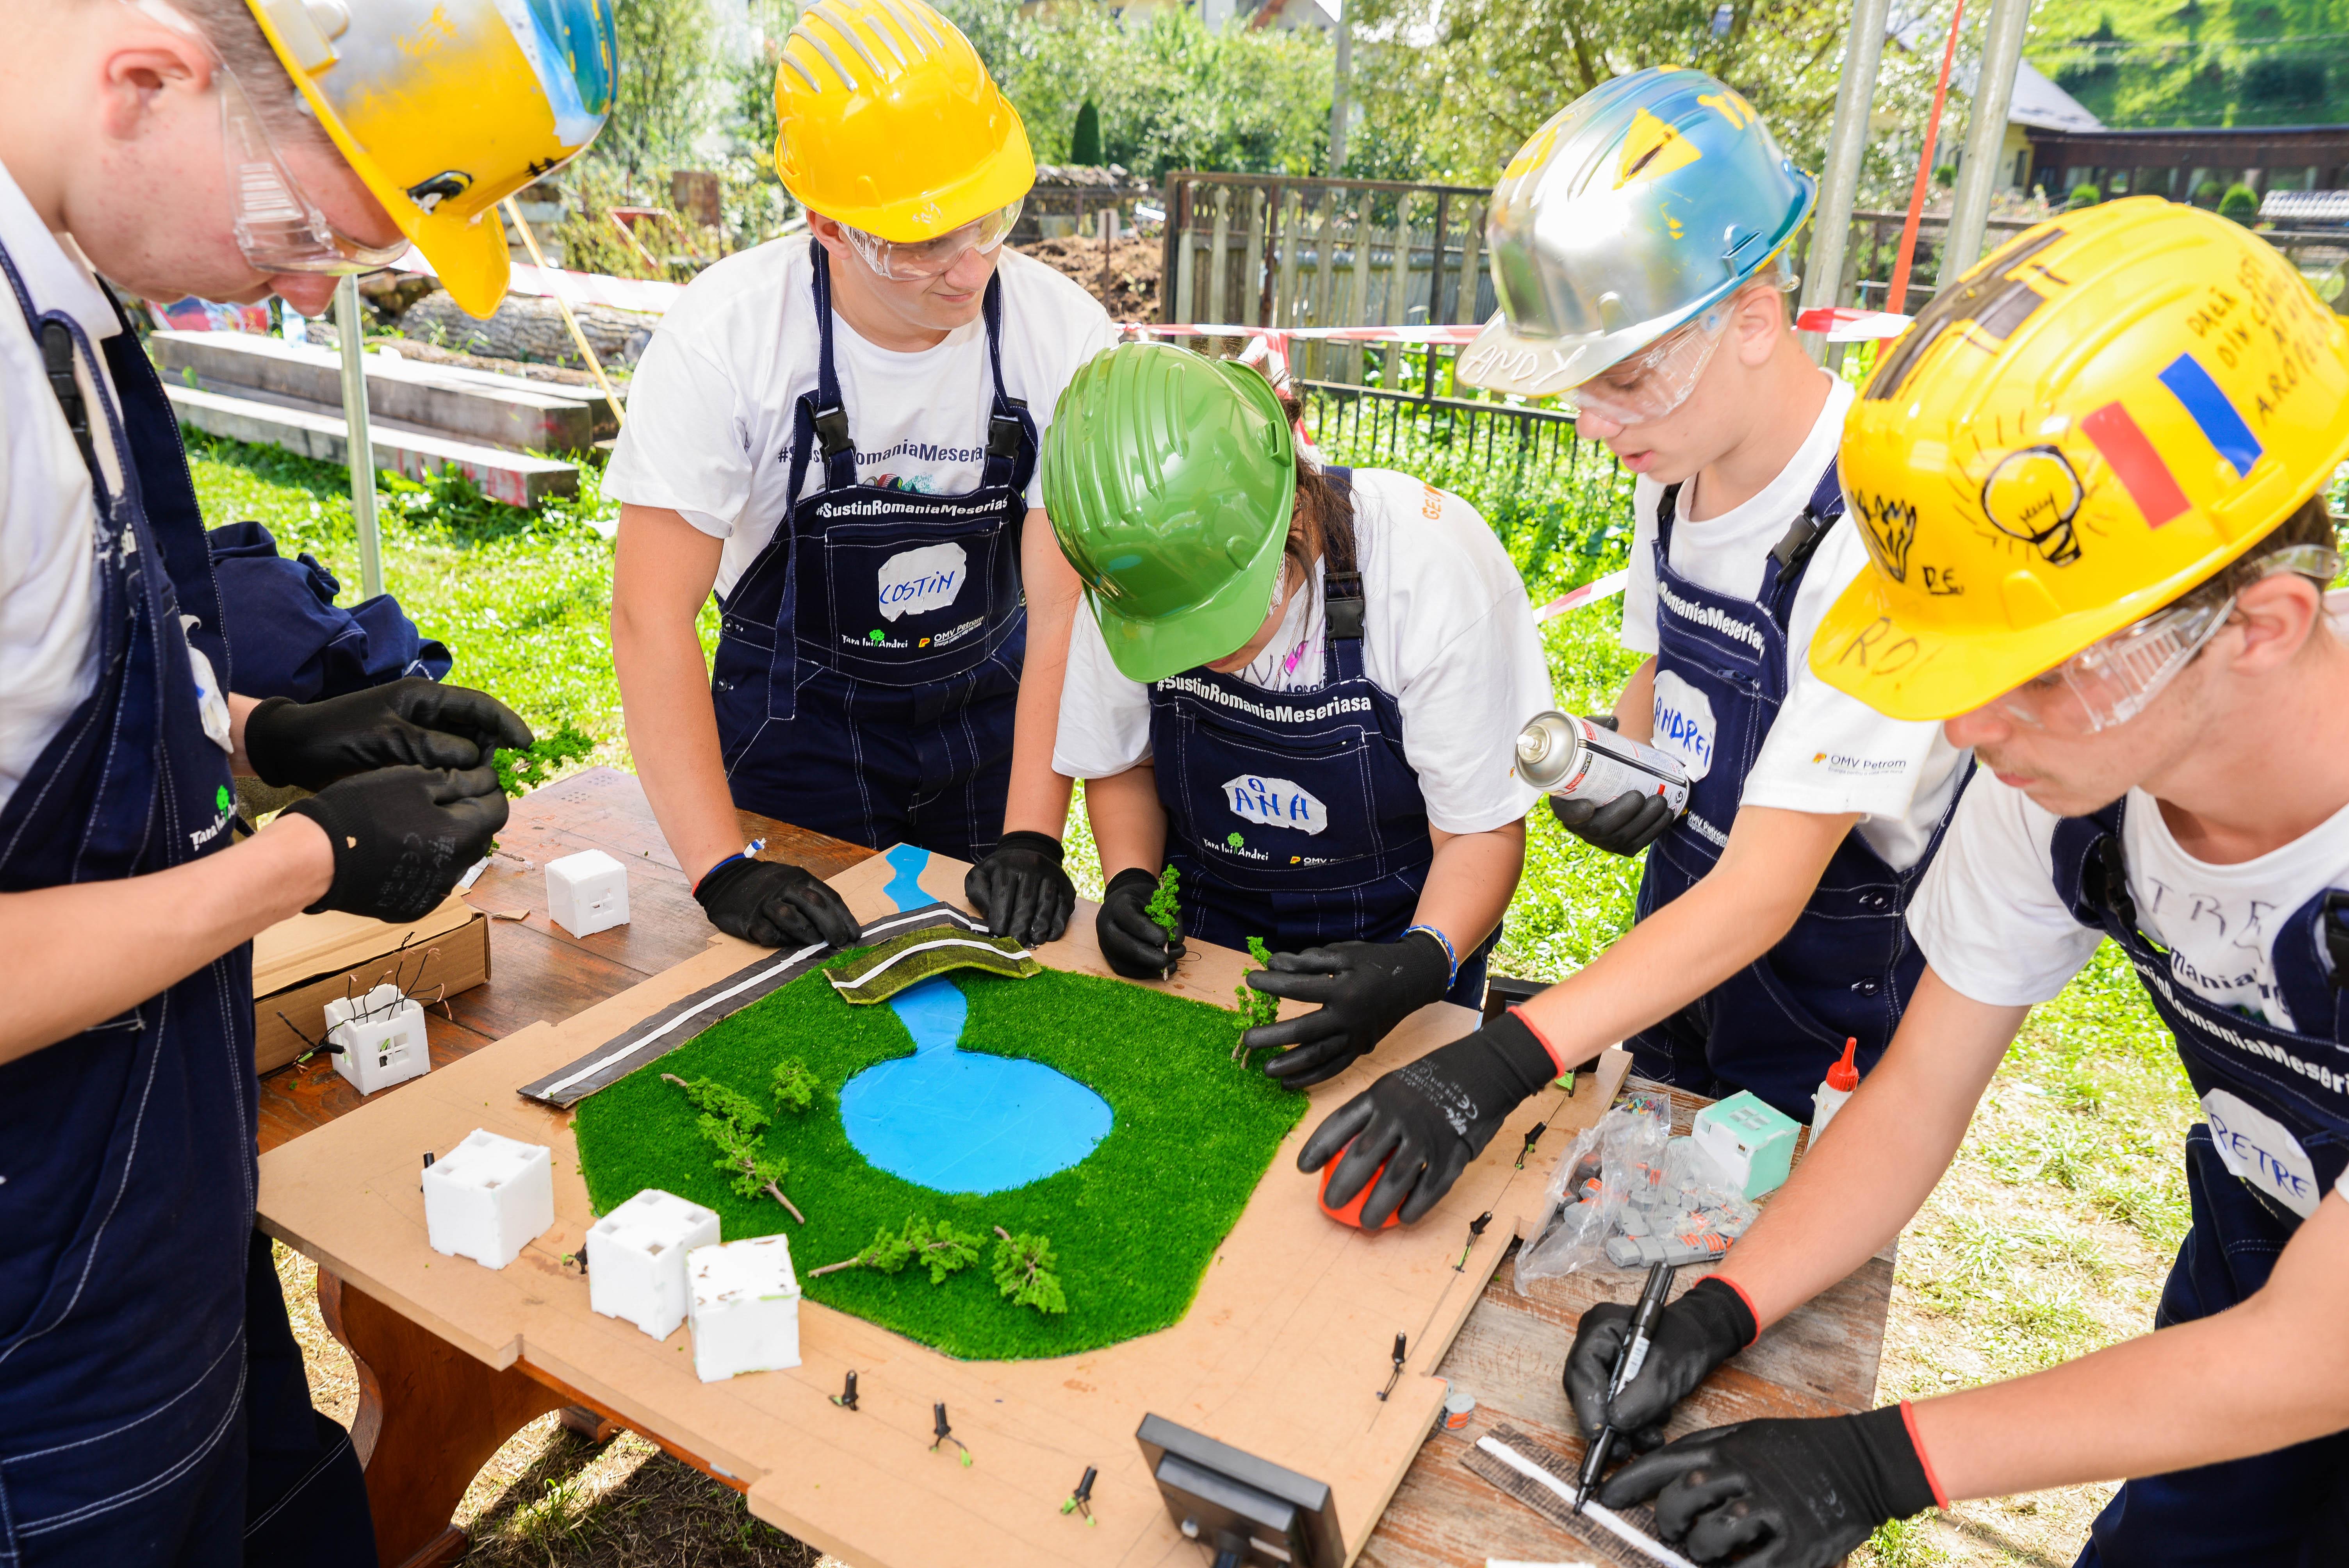 240 de elevi din școlile profesionale și tehnice au participat la Tabăra Meseriașilor OMV Petrom